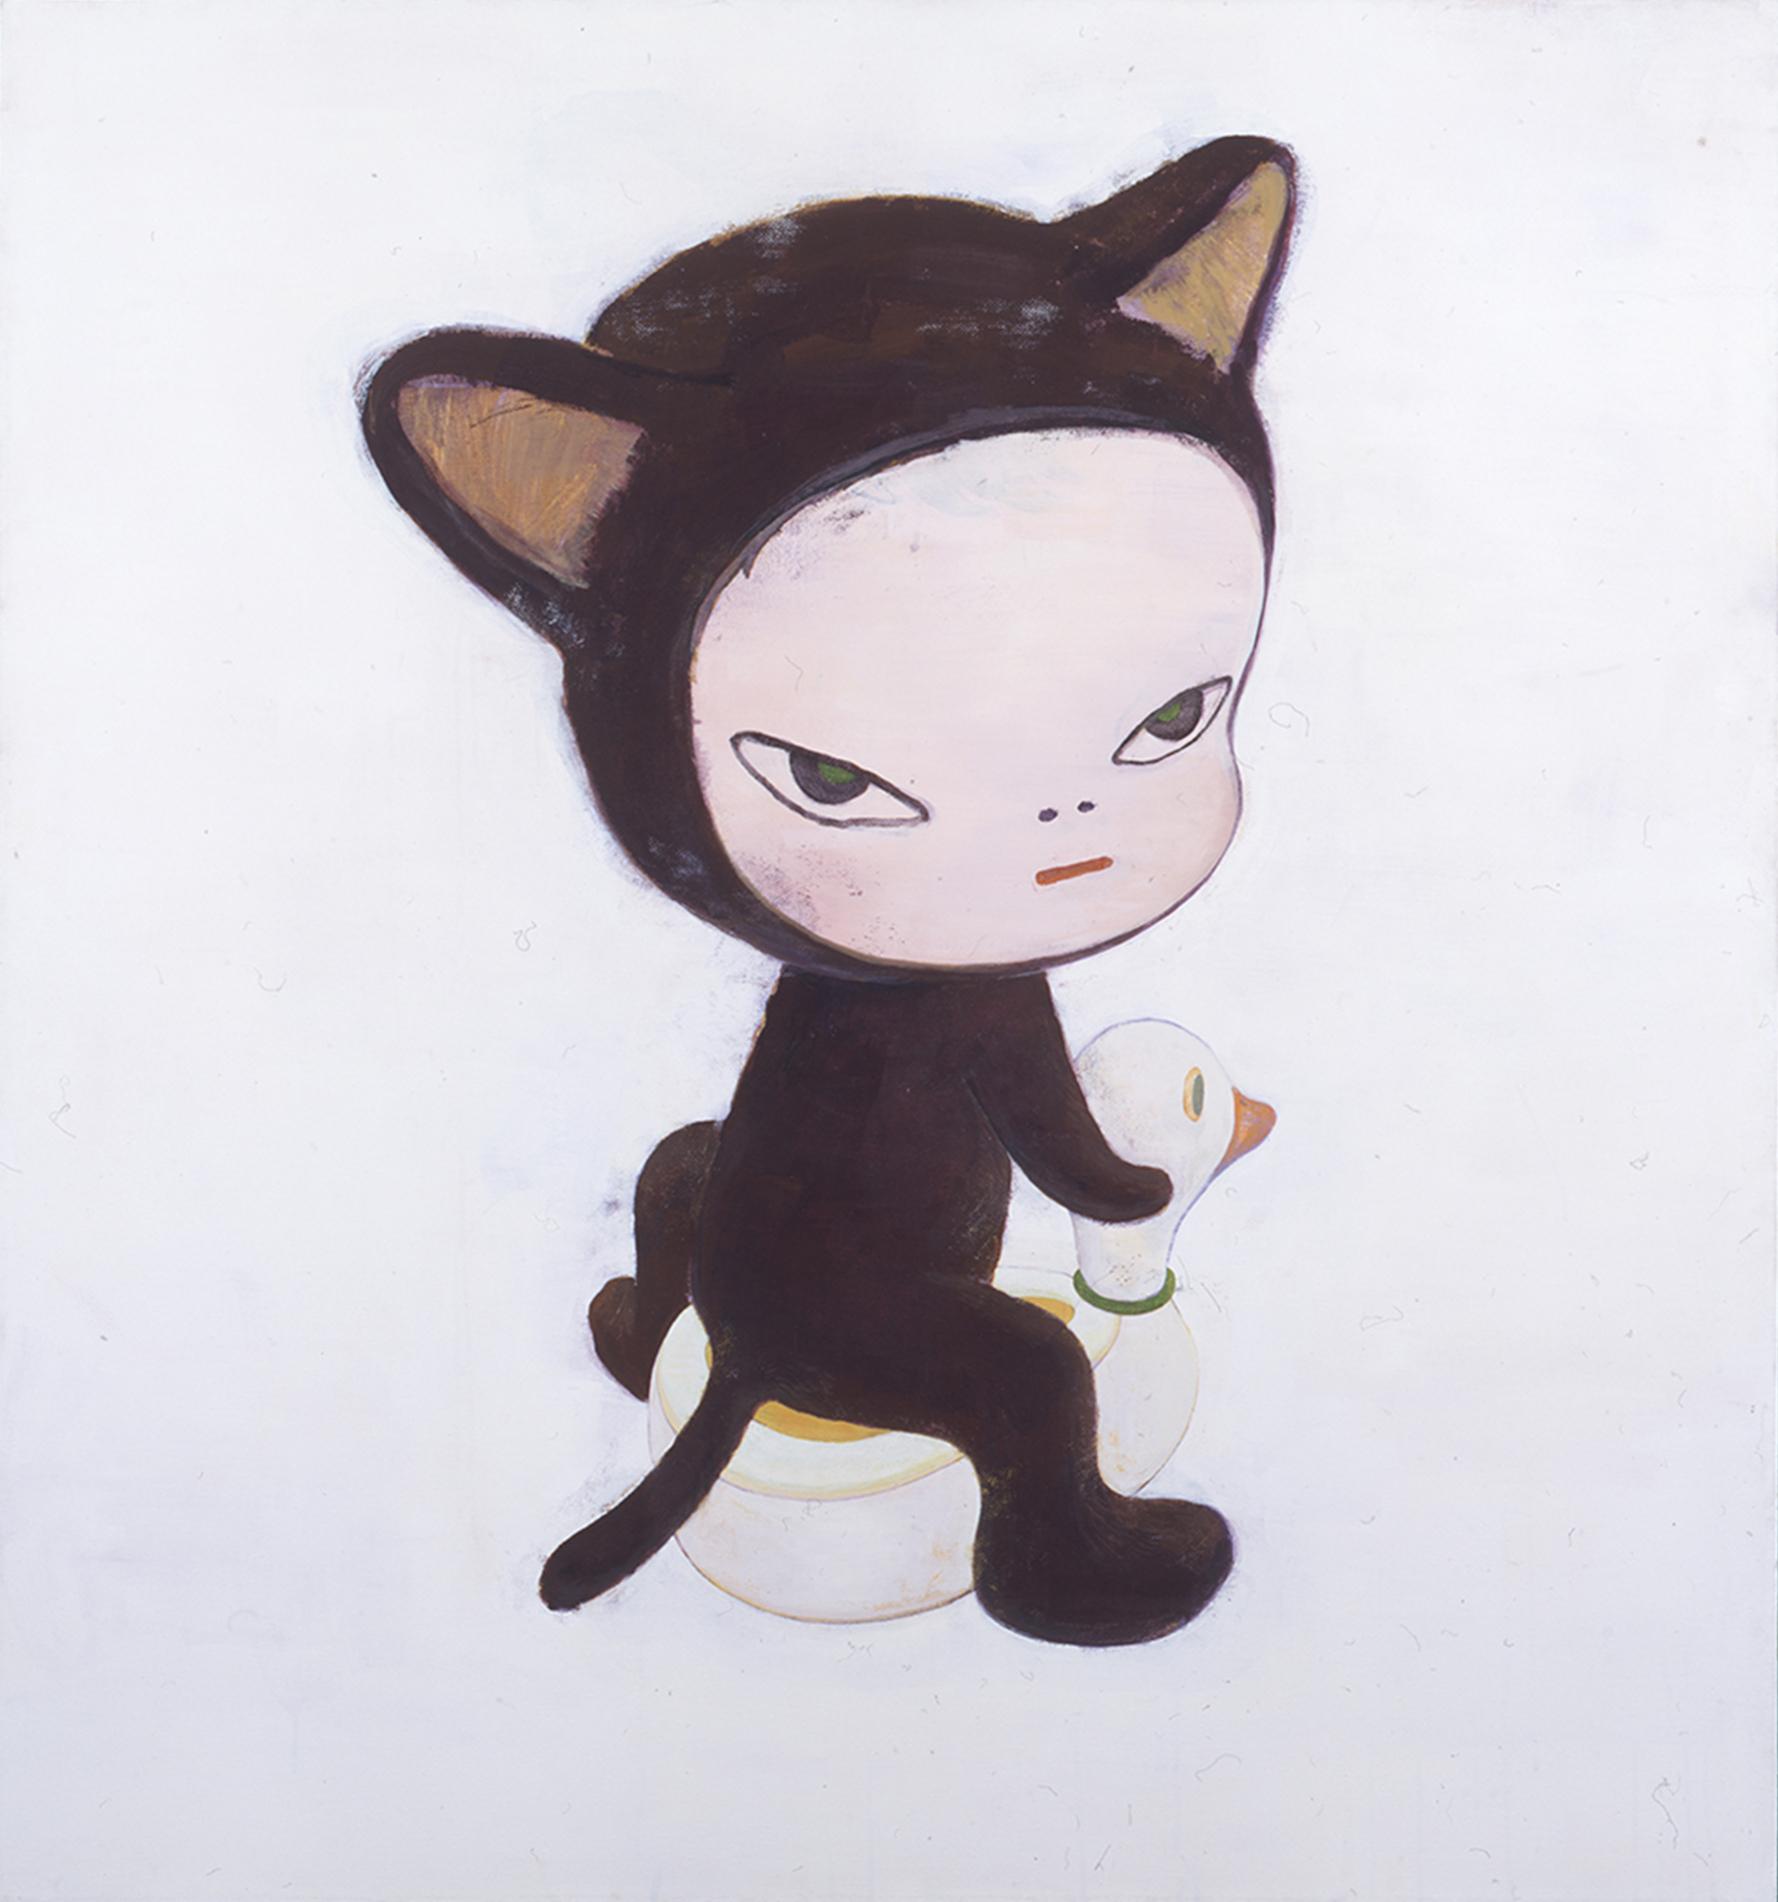 《Harmless Kitty》